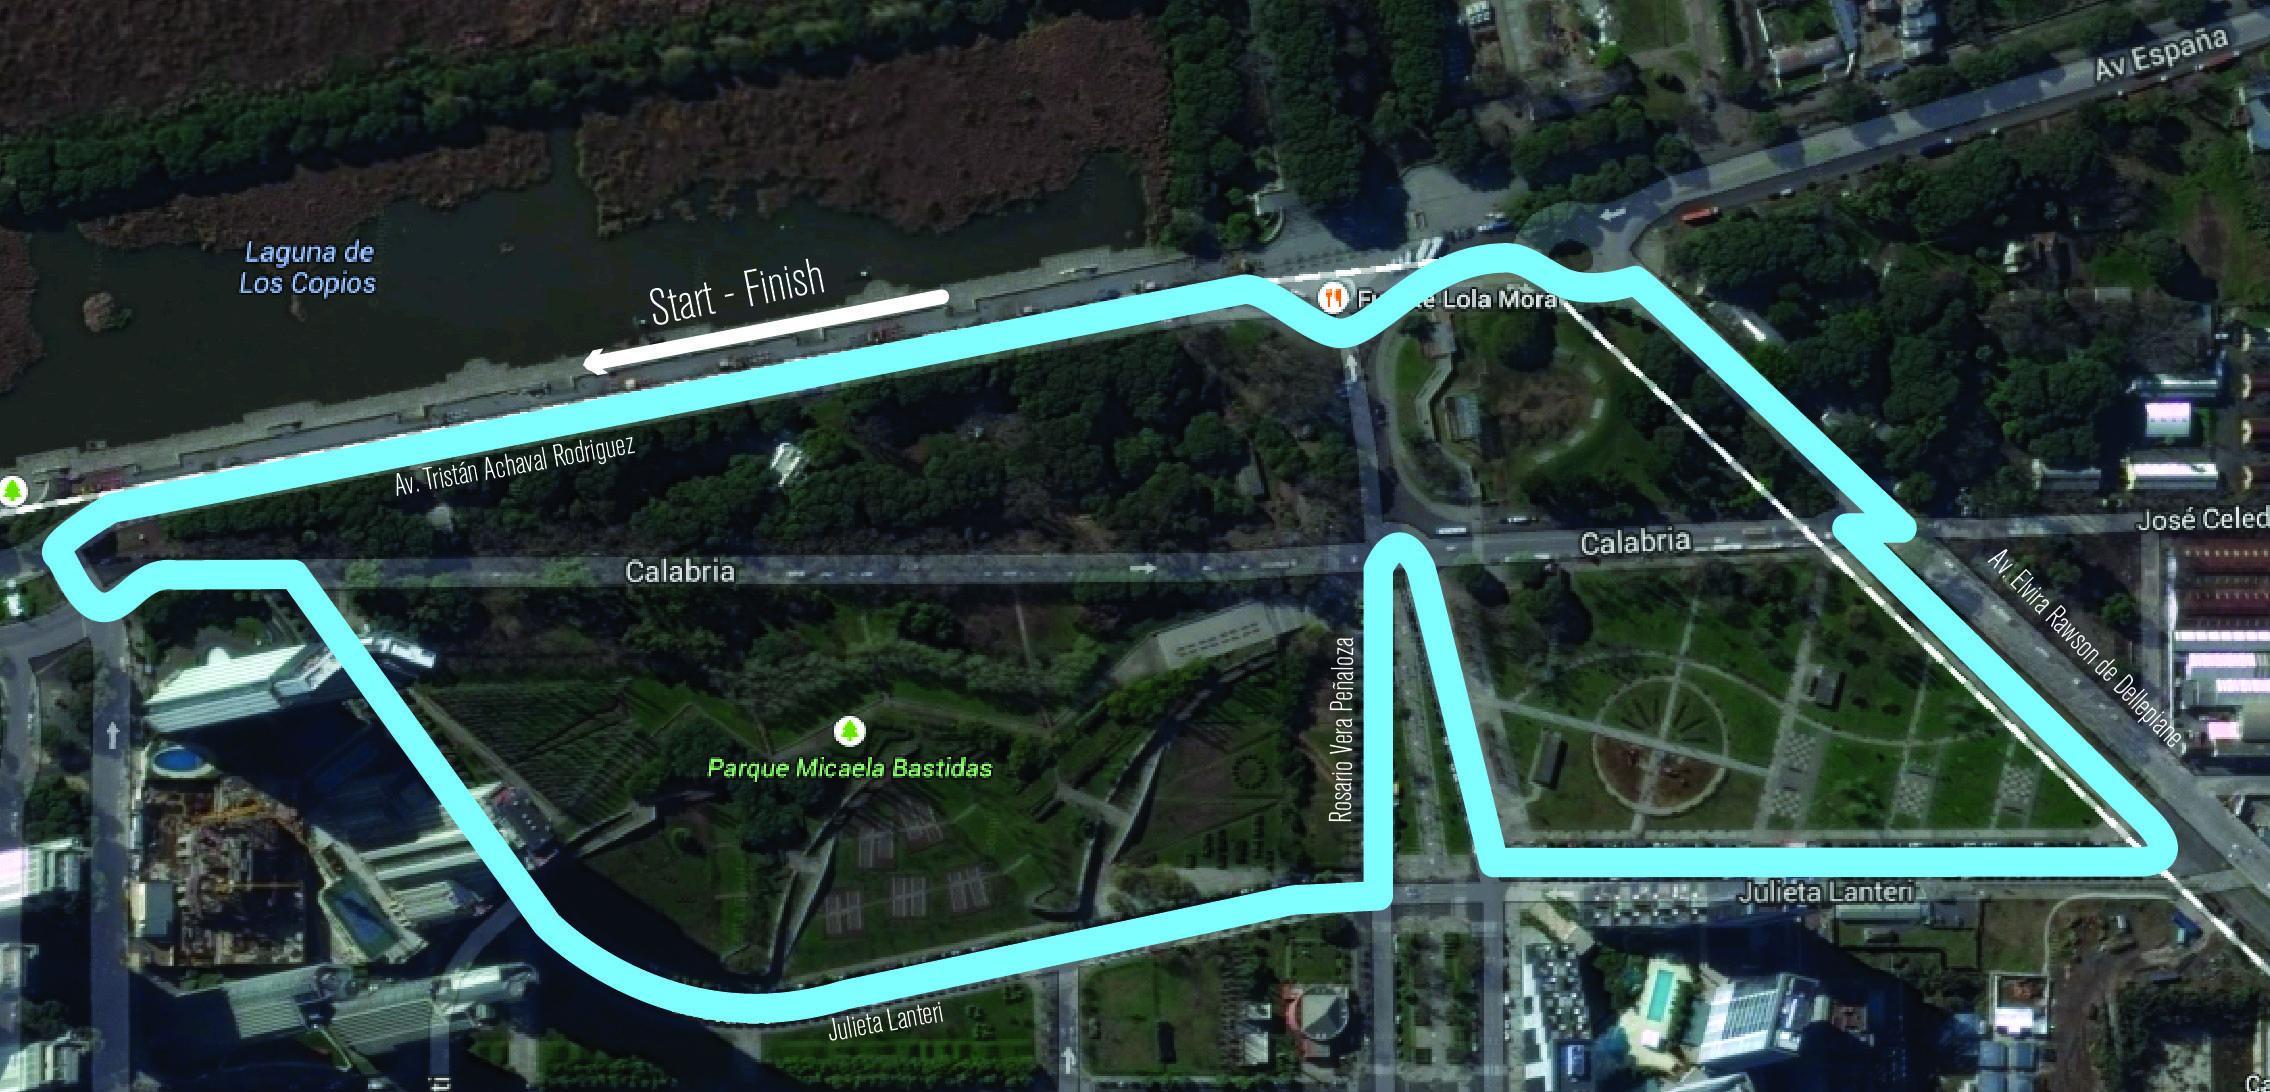 Circuito Kdt Buenos Aires : Cómo será el circuito de la formula e en buenos aires